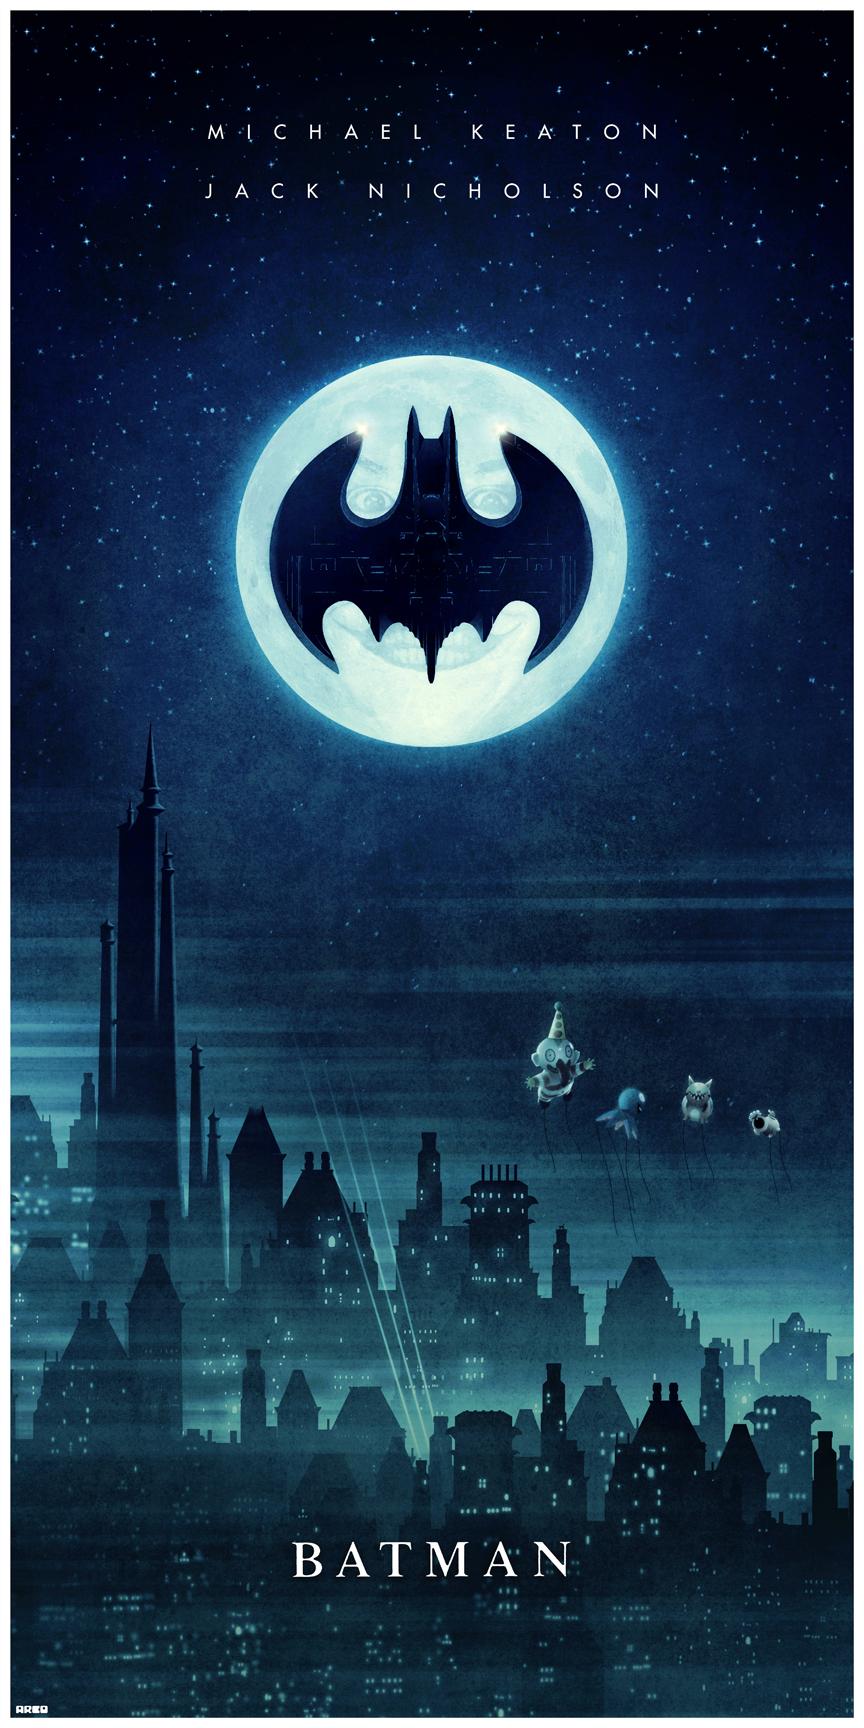 He Stole my Balloons!! (Batman '89) Poster By Matt Ferguson